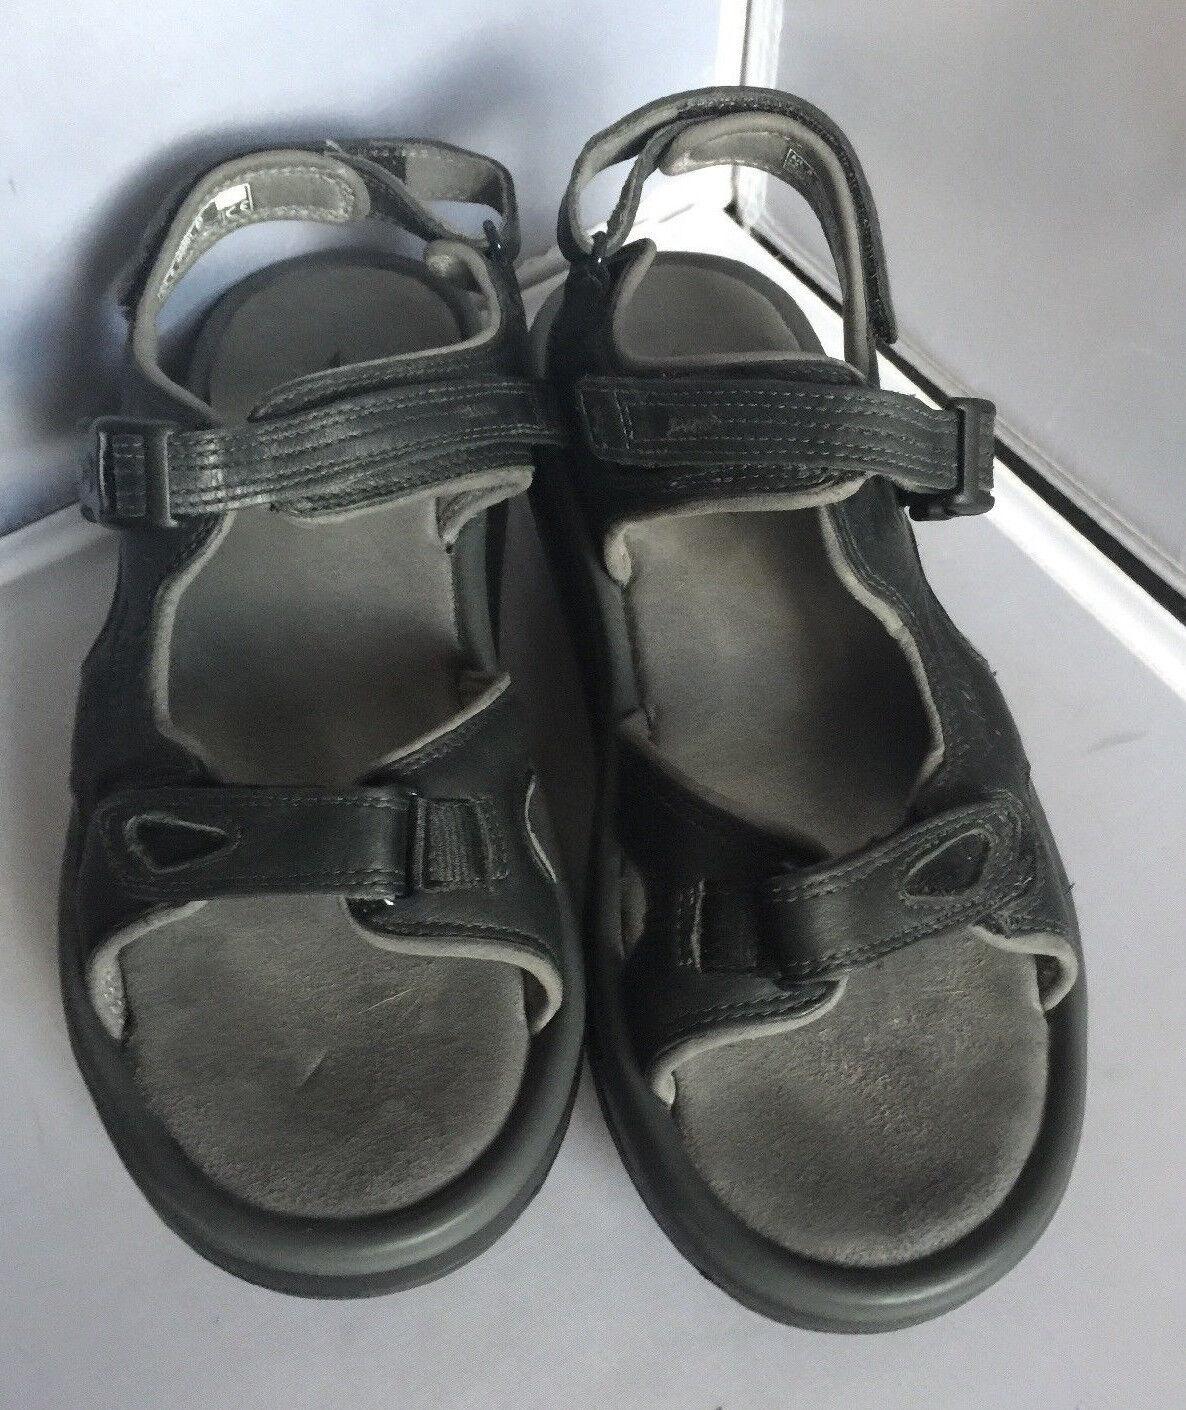 donna MBT Kisumu2 nero Sandals, Dimensione EU 41 US 10 10 10  EXCELLENT daf3ec